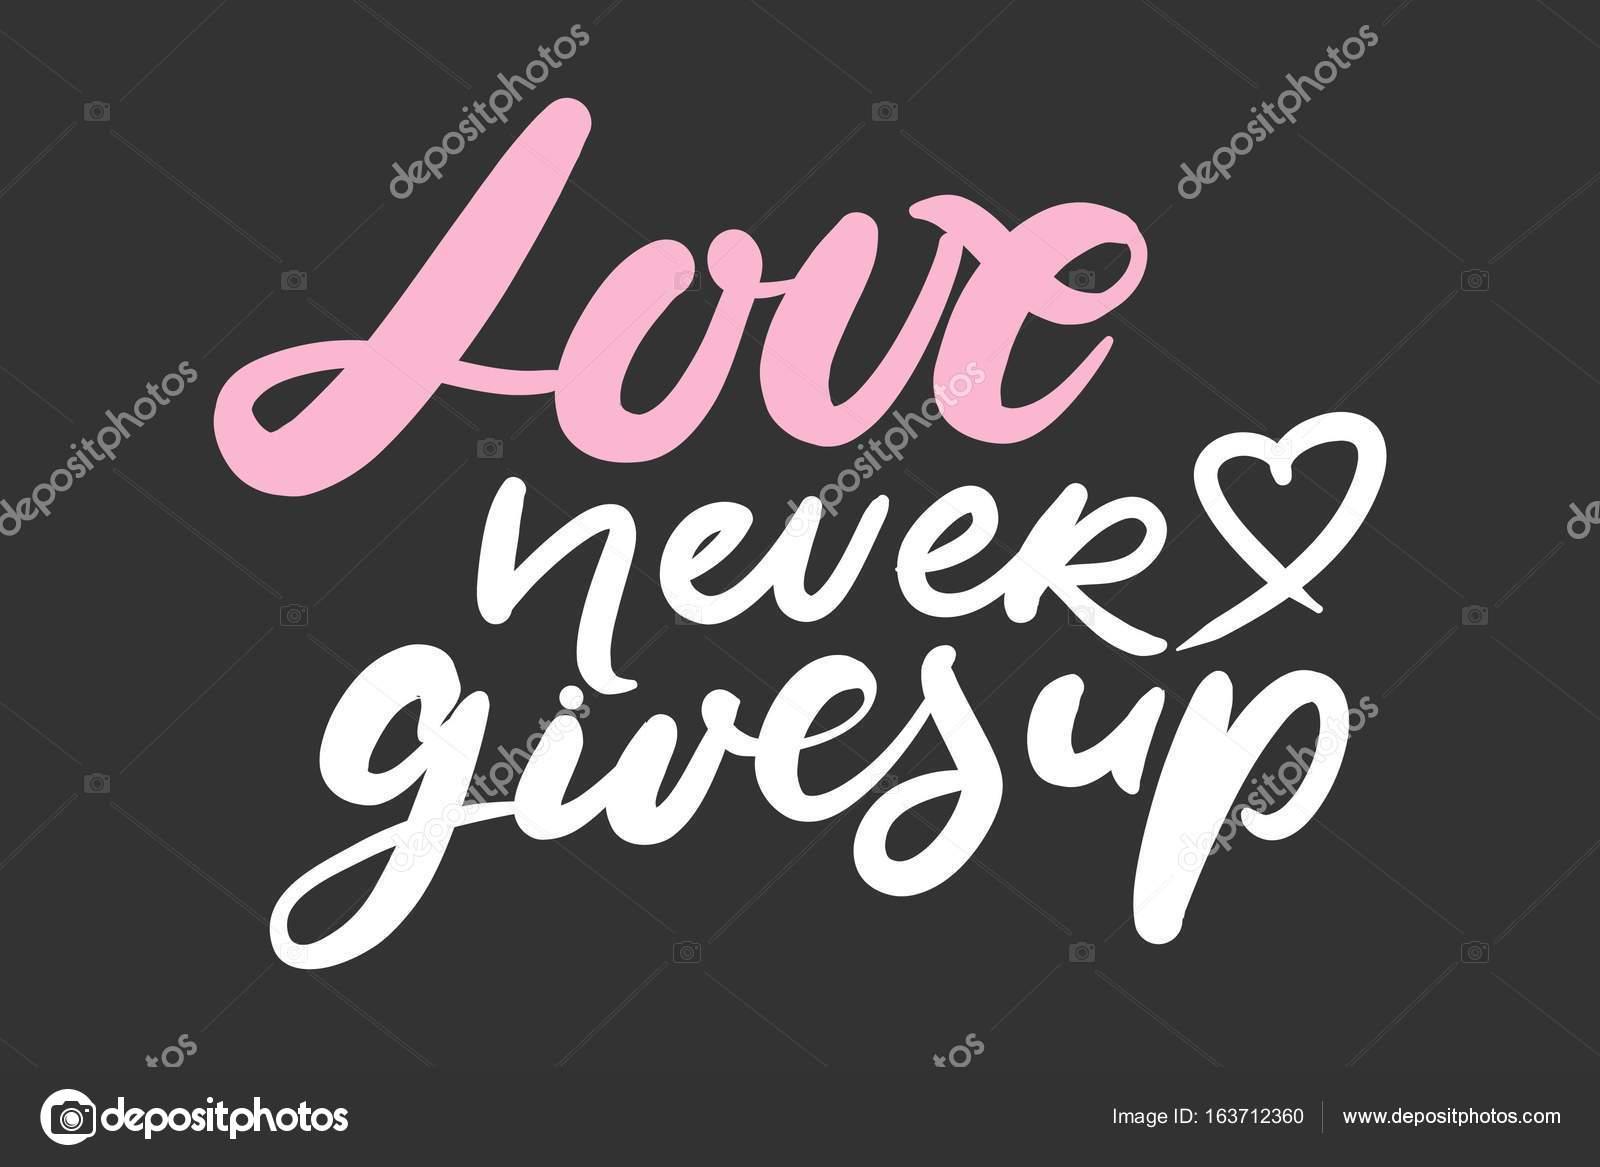 Citaten Over De Liefde : Motiverende citaten over liefde hand belettering en aangepaste